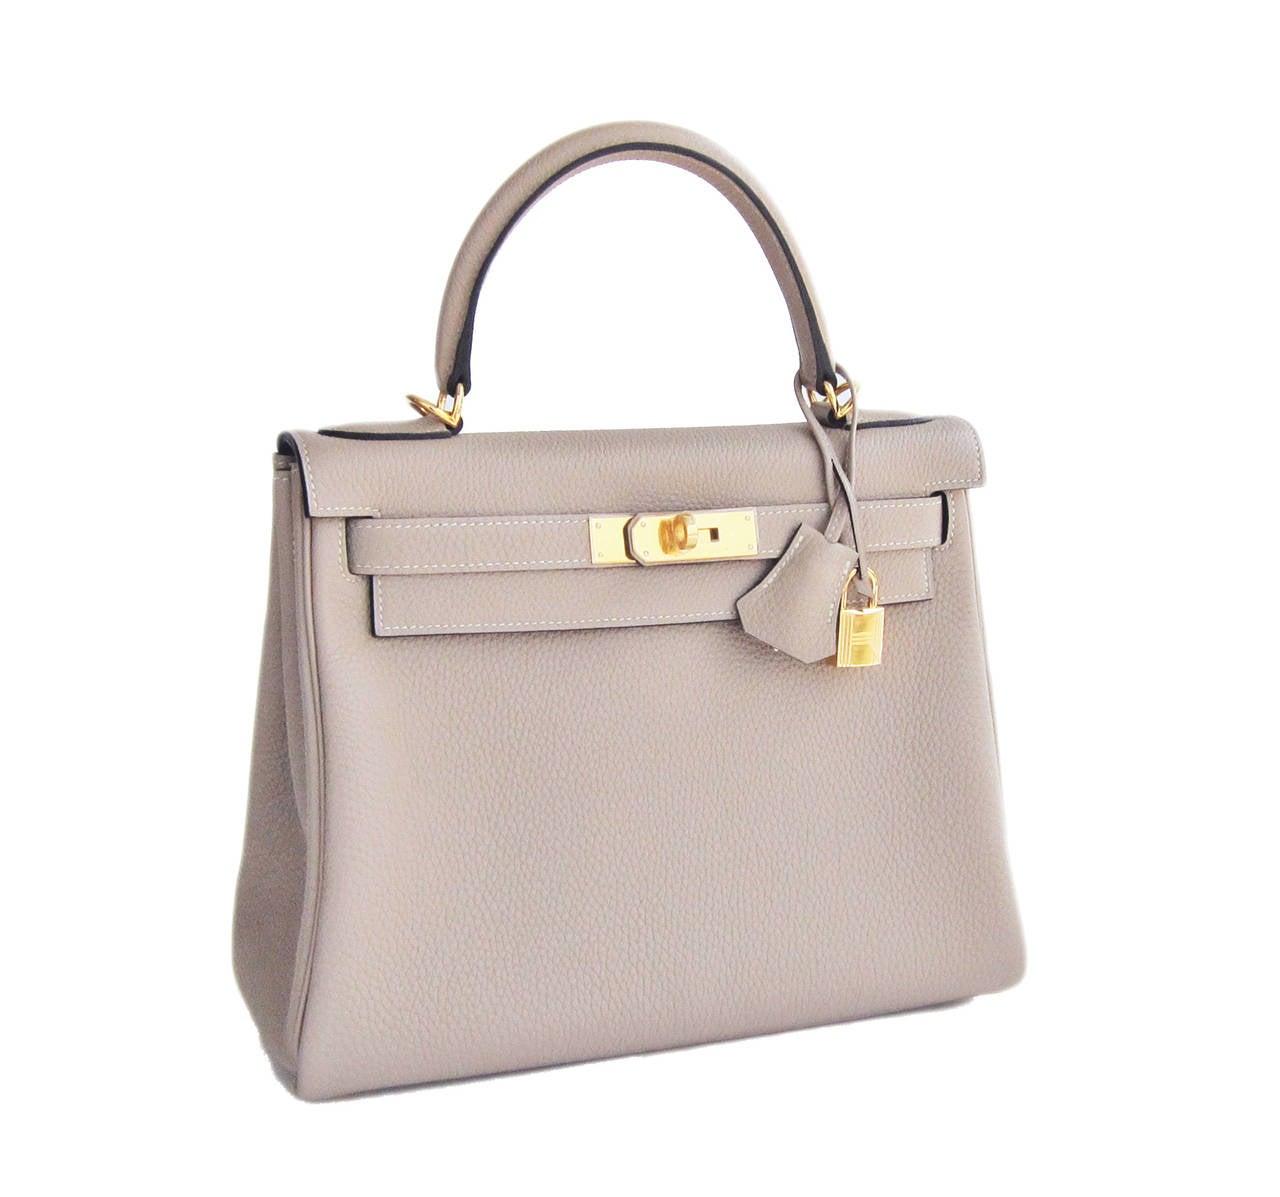 Hermes Gris Tourterelle 28cm Togo Kelly Gold GHW Shoulder Bag Perfection 2